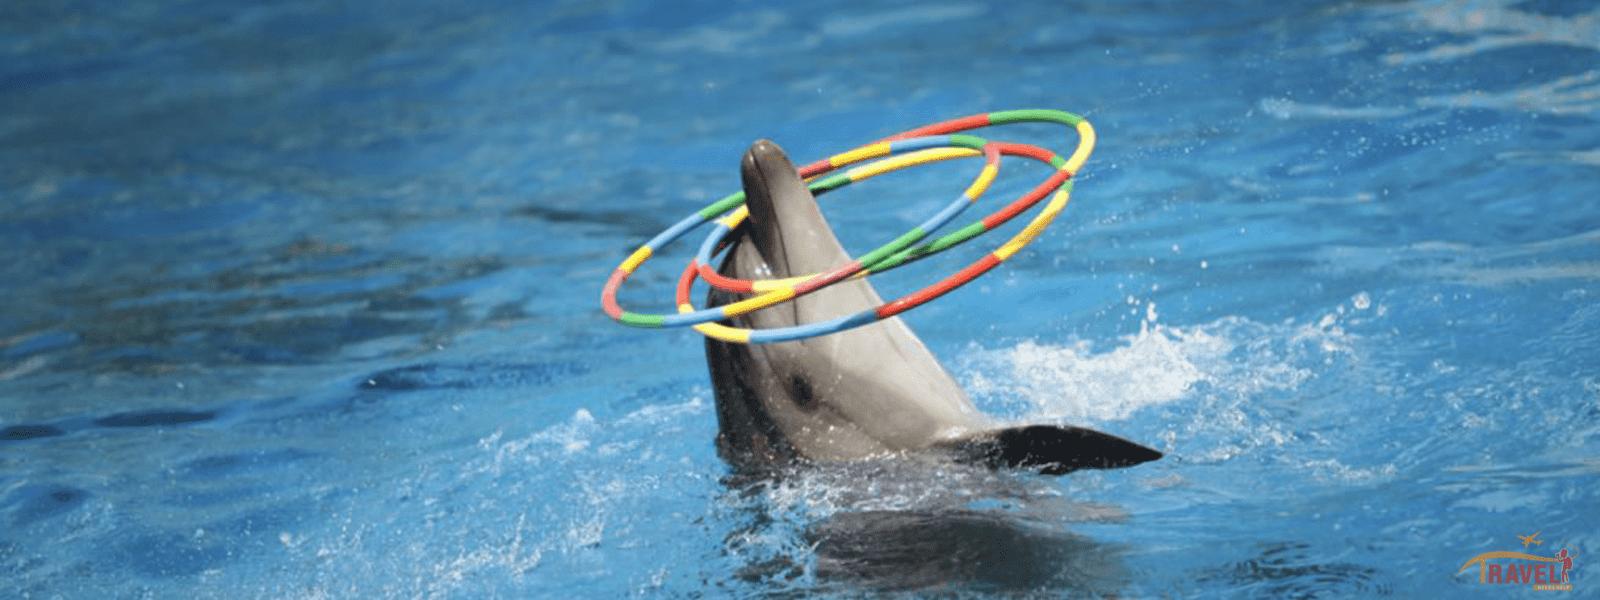 Dolphin Bay Phuket - Tour